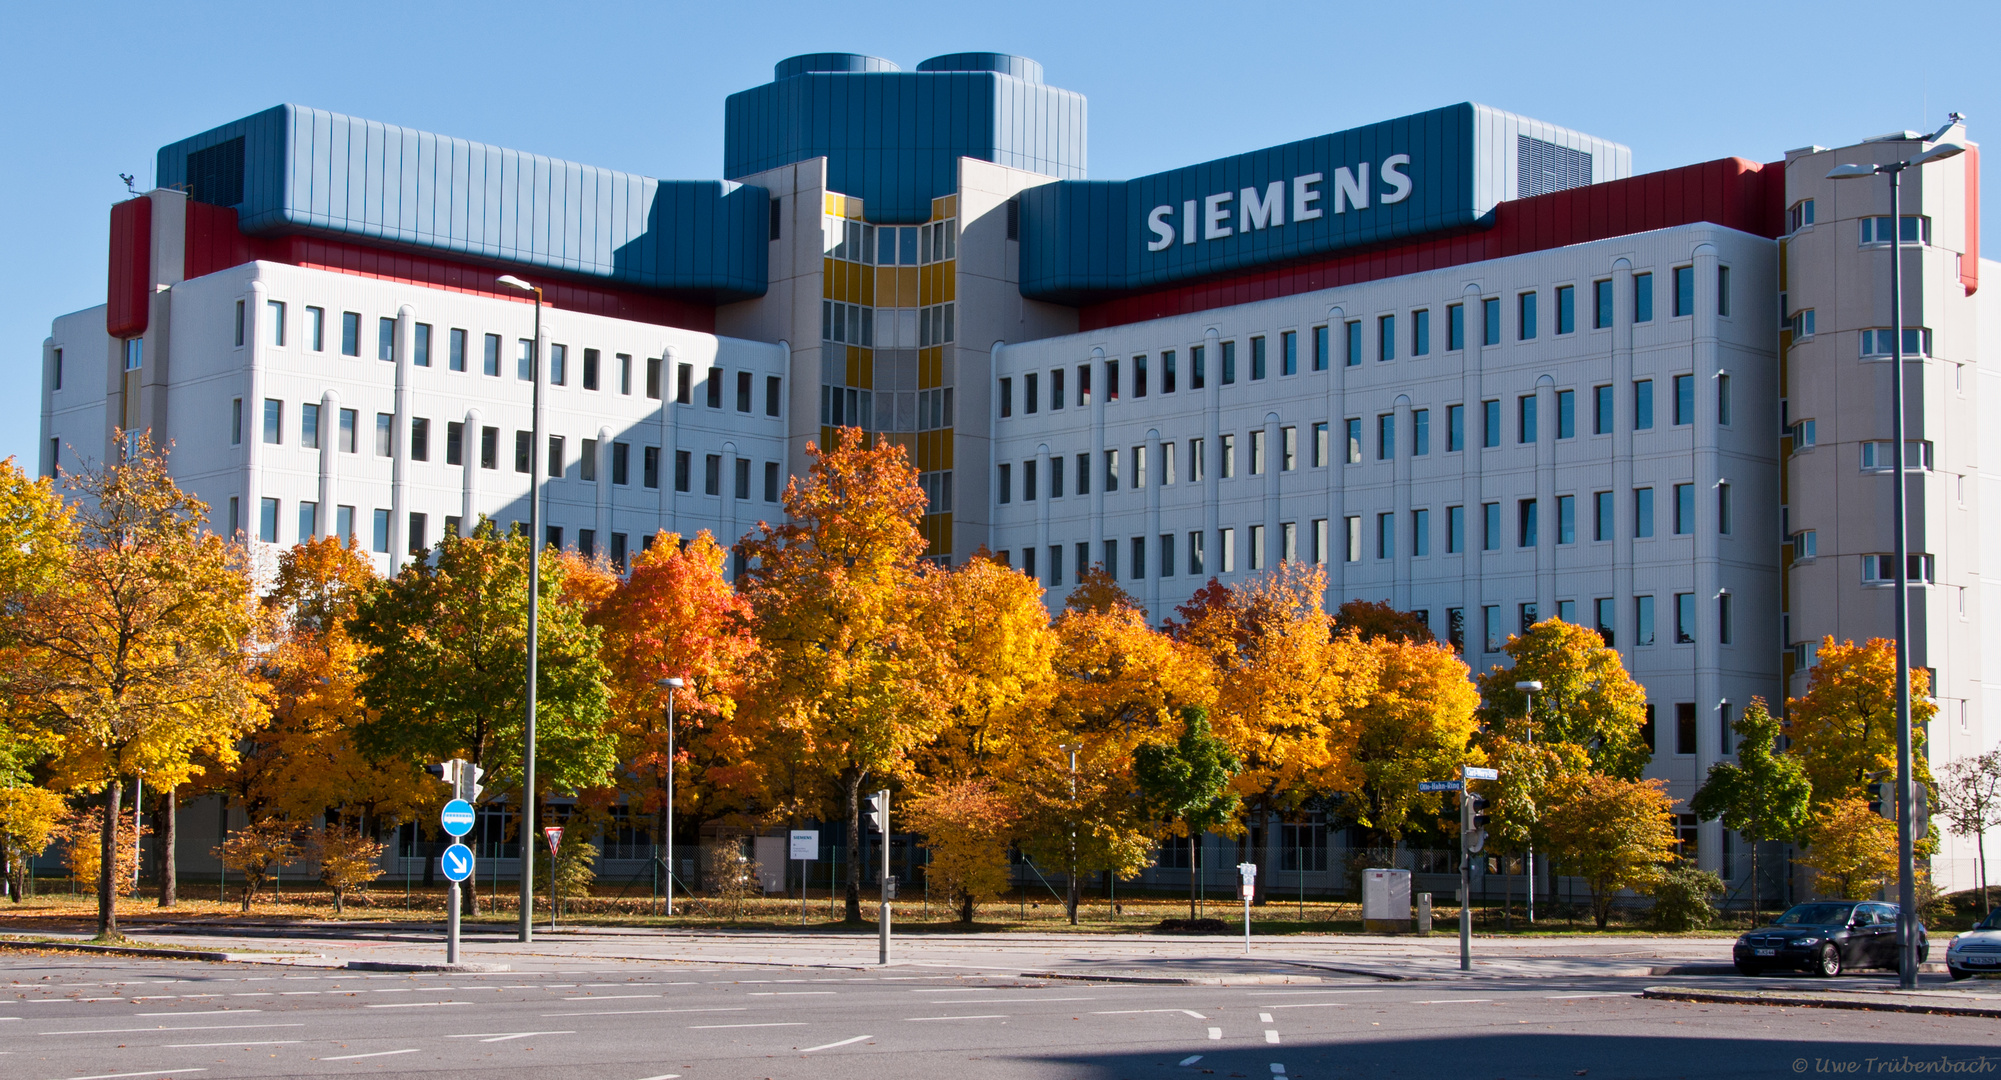 Siemens Standort München Neuperlach (1)